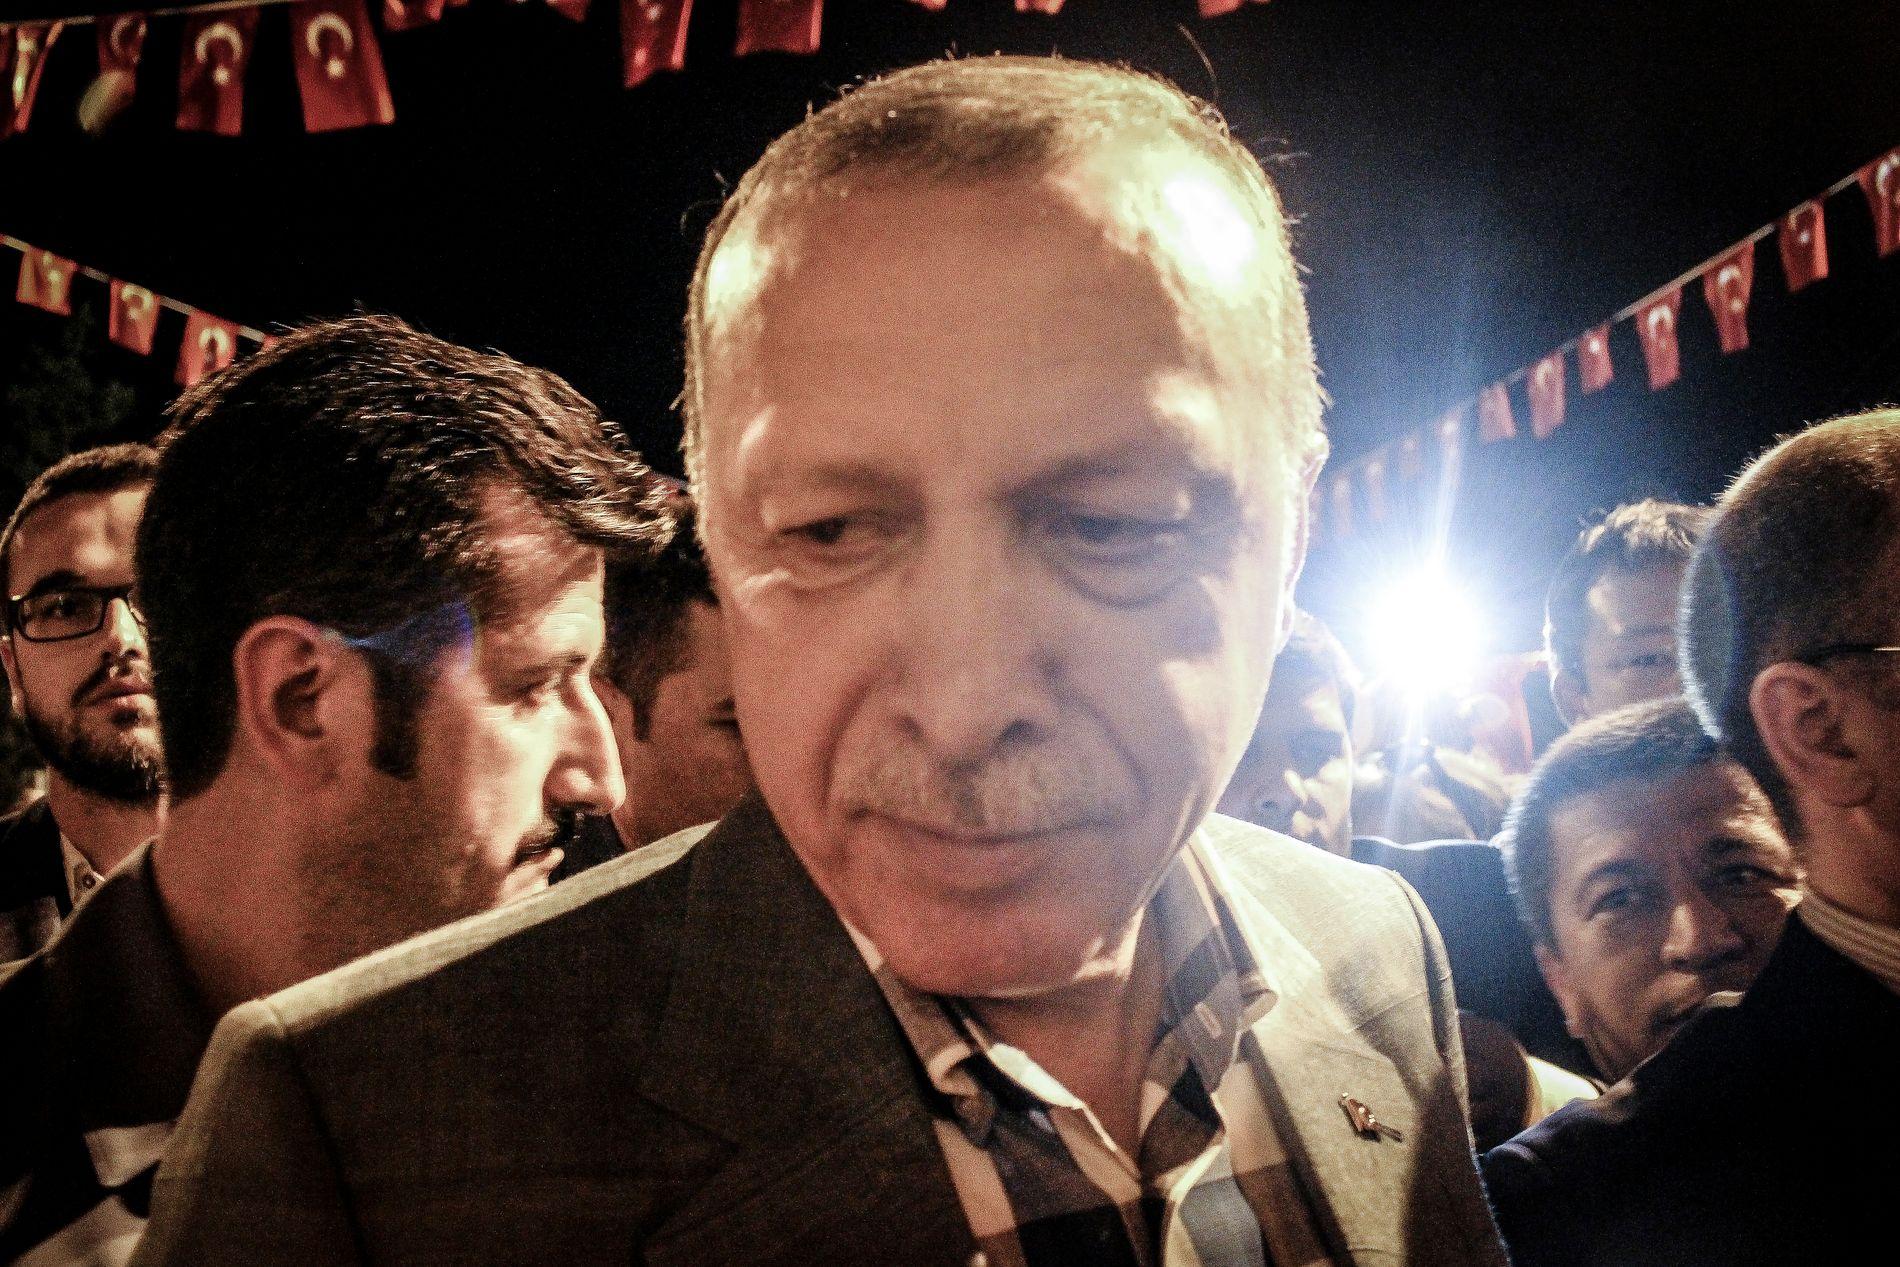 KOM FOR Å HILSE: Plutselig dukket en smilende Erdogan opp for å håndhilse på VG og noen av de andre journalistene.